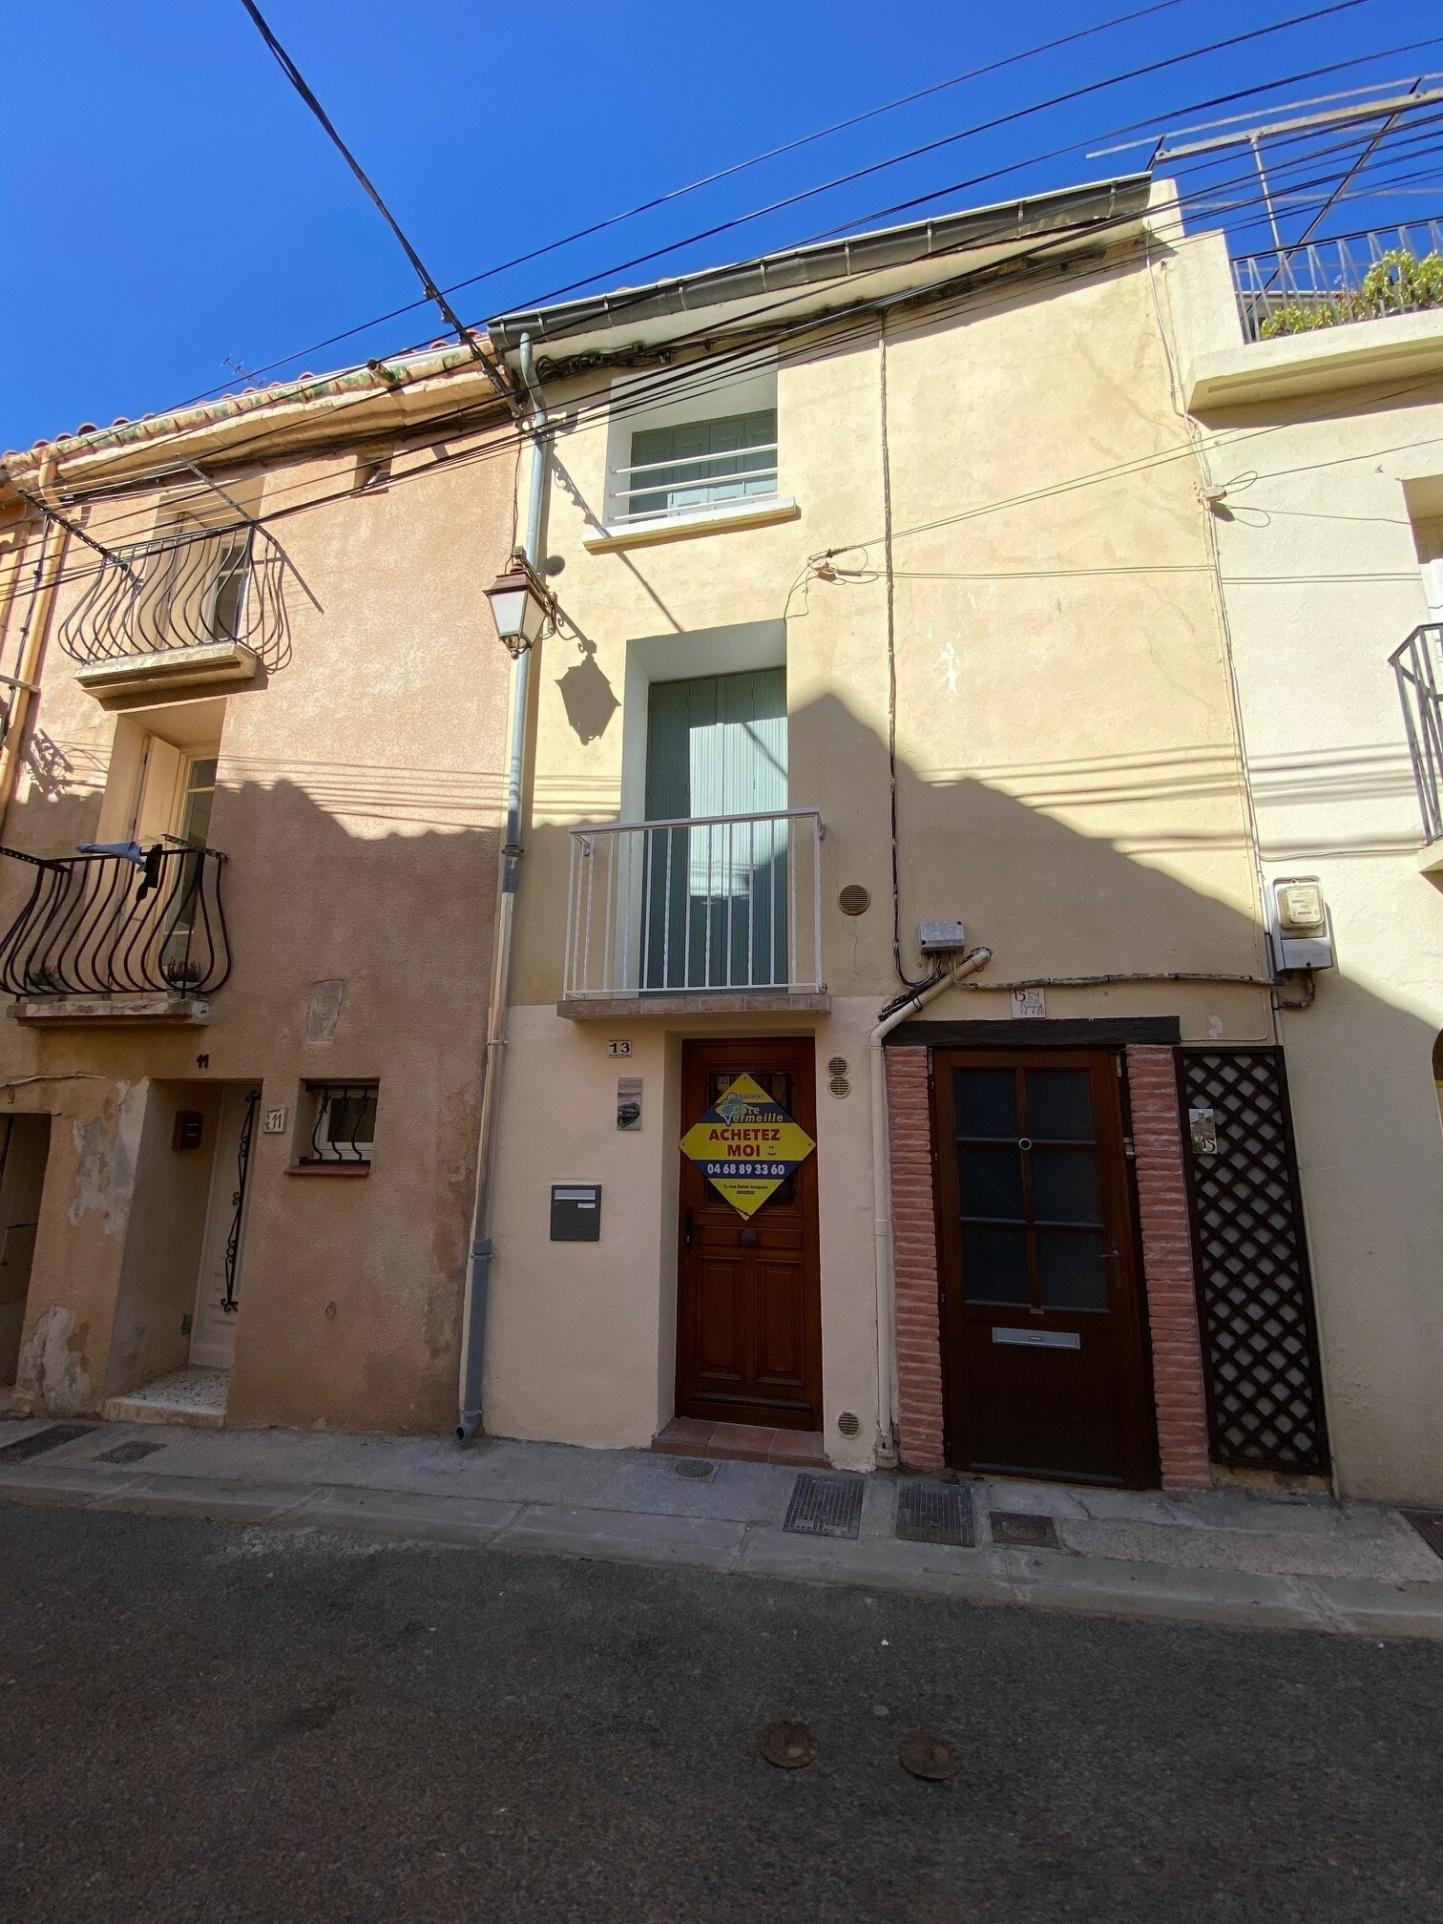 À vendre maison/villa de 41m2 à argeles sur mer (66700) - Photo 17'